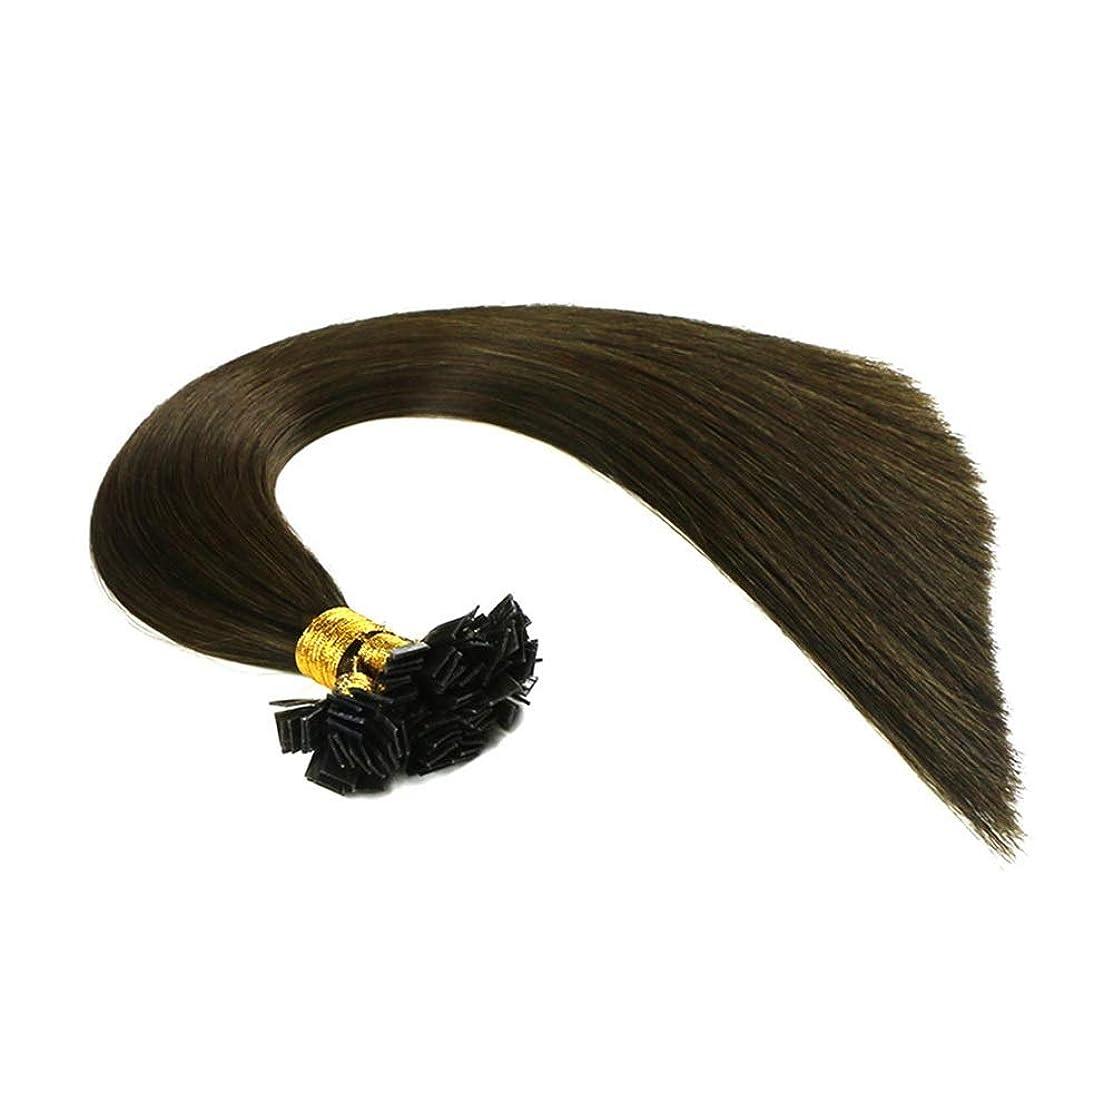 興味感情朝の体操をするJULYTER ナノリングヘアエクステンション100%ブラジル人毛ナノヘアエクステンション (色 : Photo color, サイズ : 26 inch)